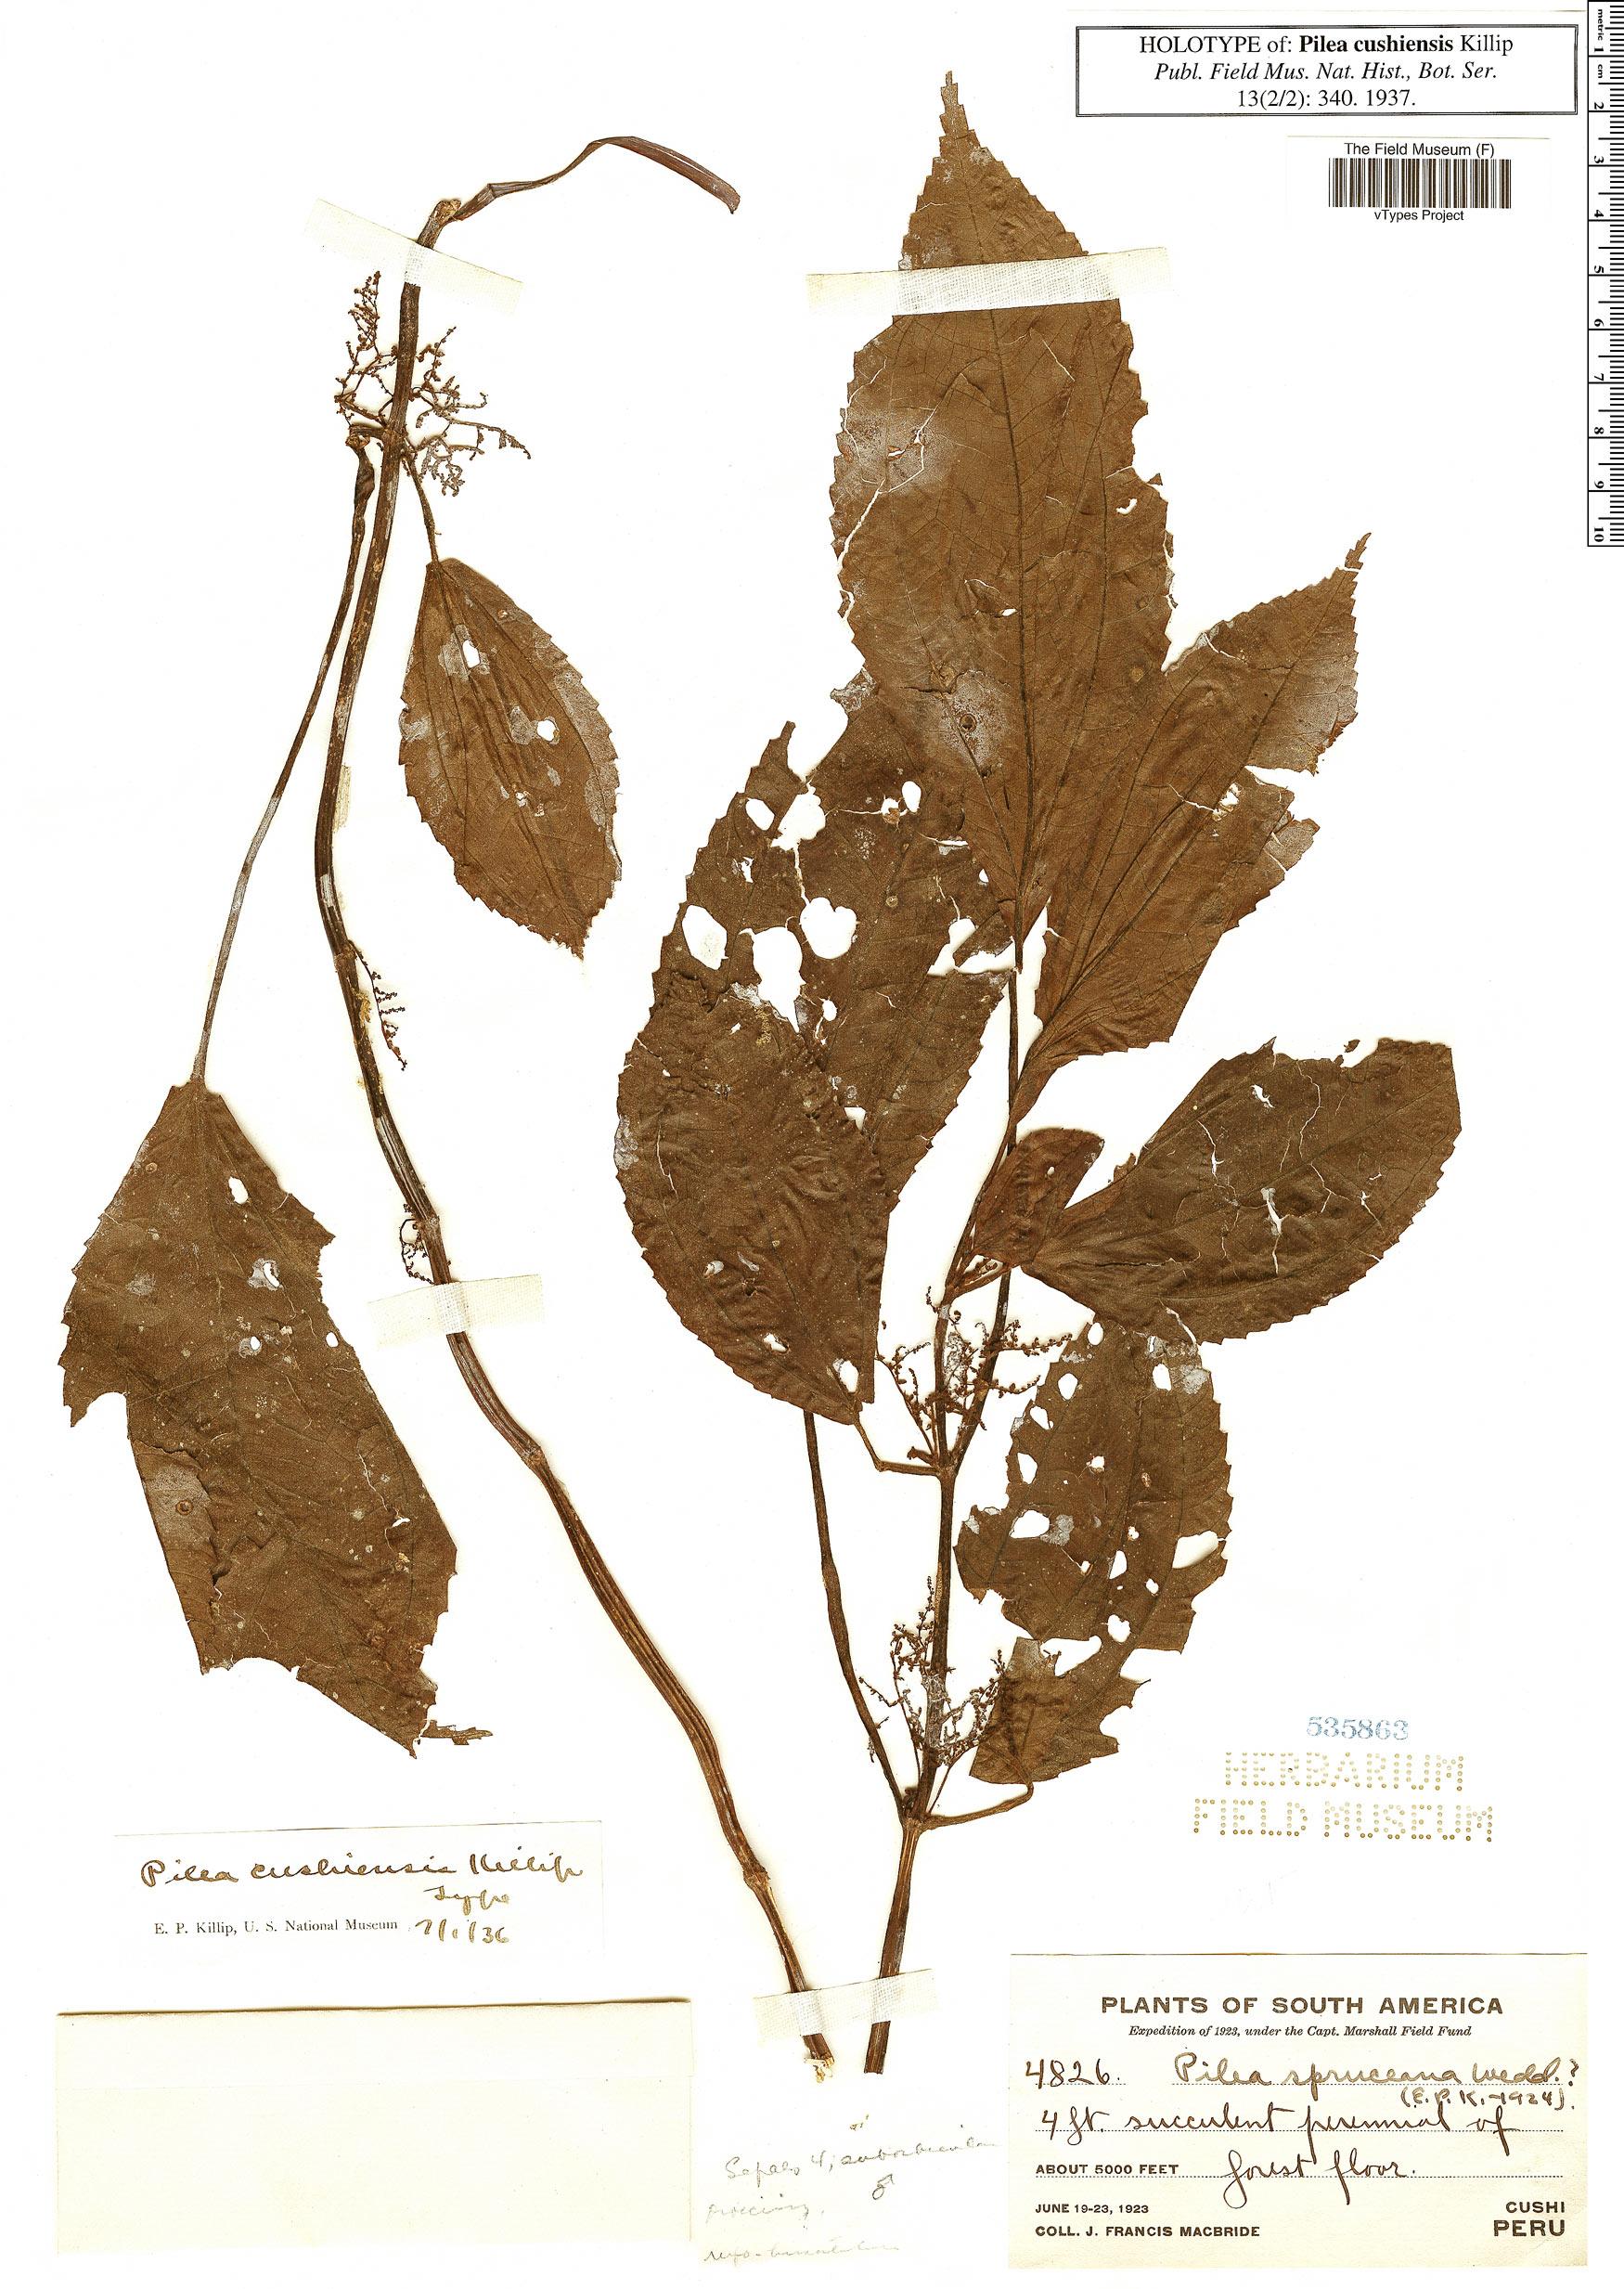 Specimen: Pilea cushiensis